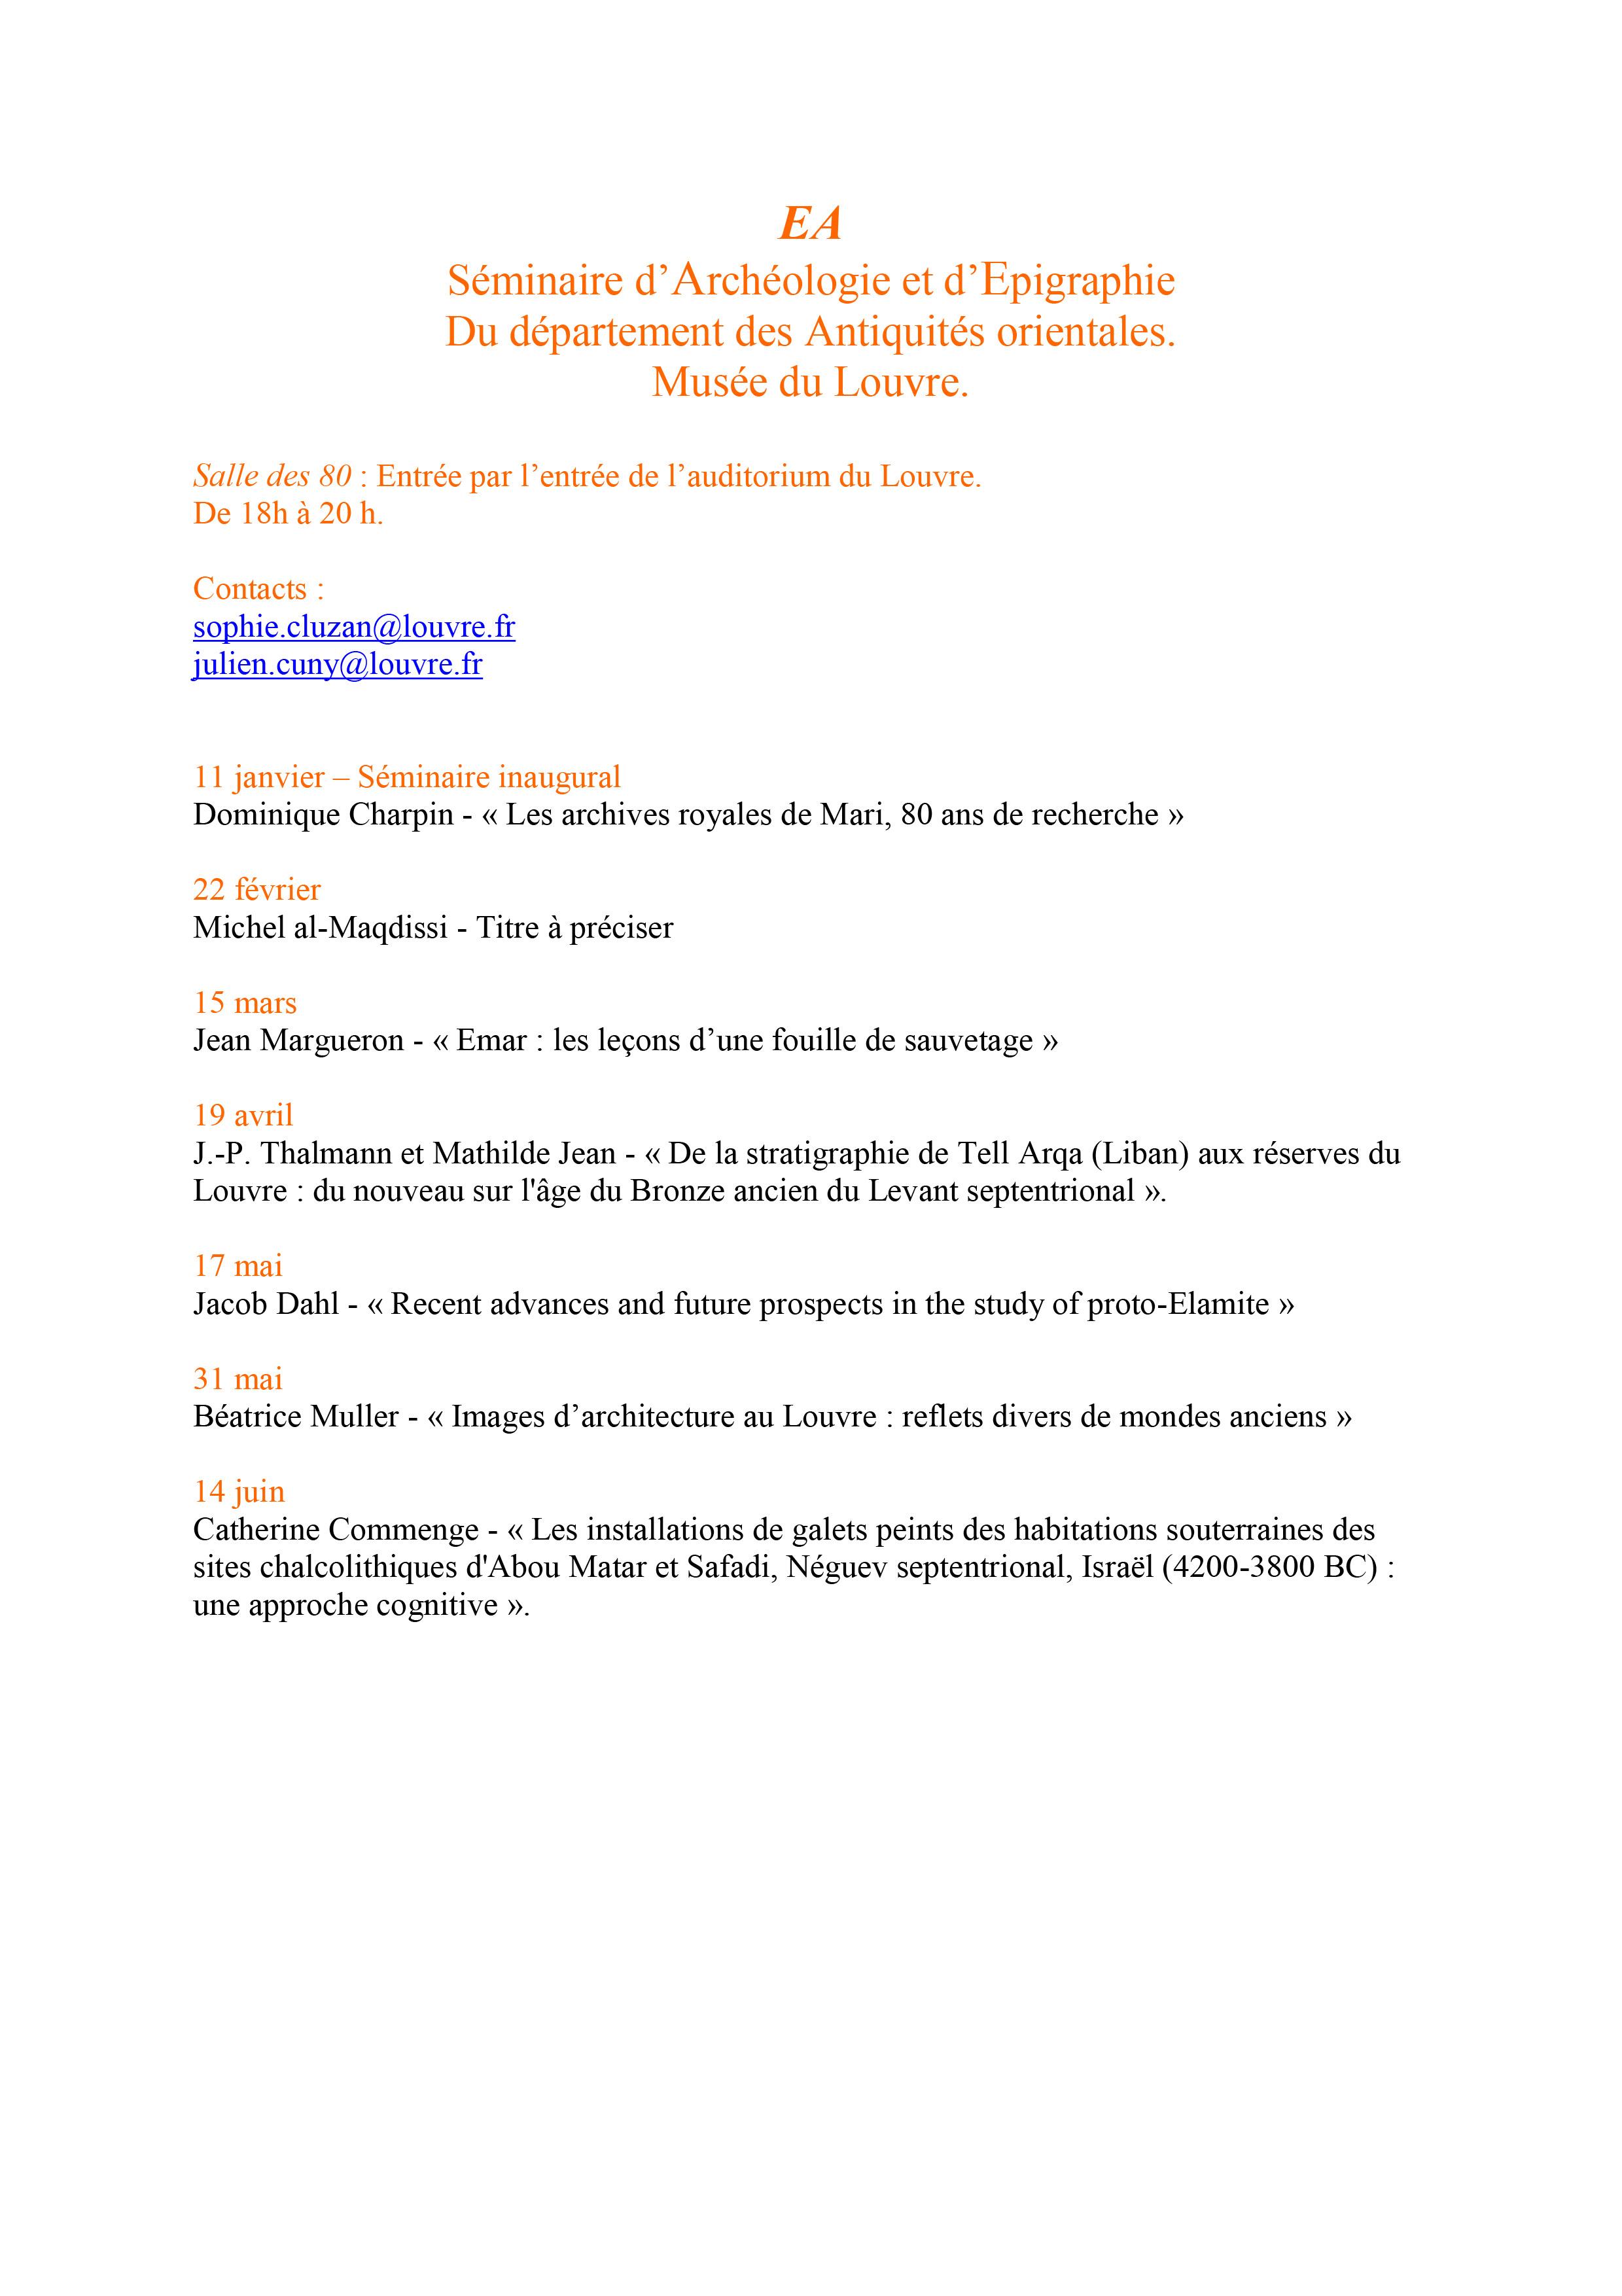 annonce-1-du-seminaire-du-departement-des-ao-1er-semestre-2017